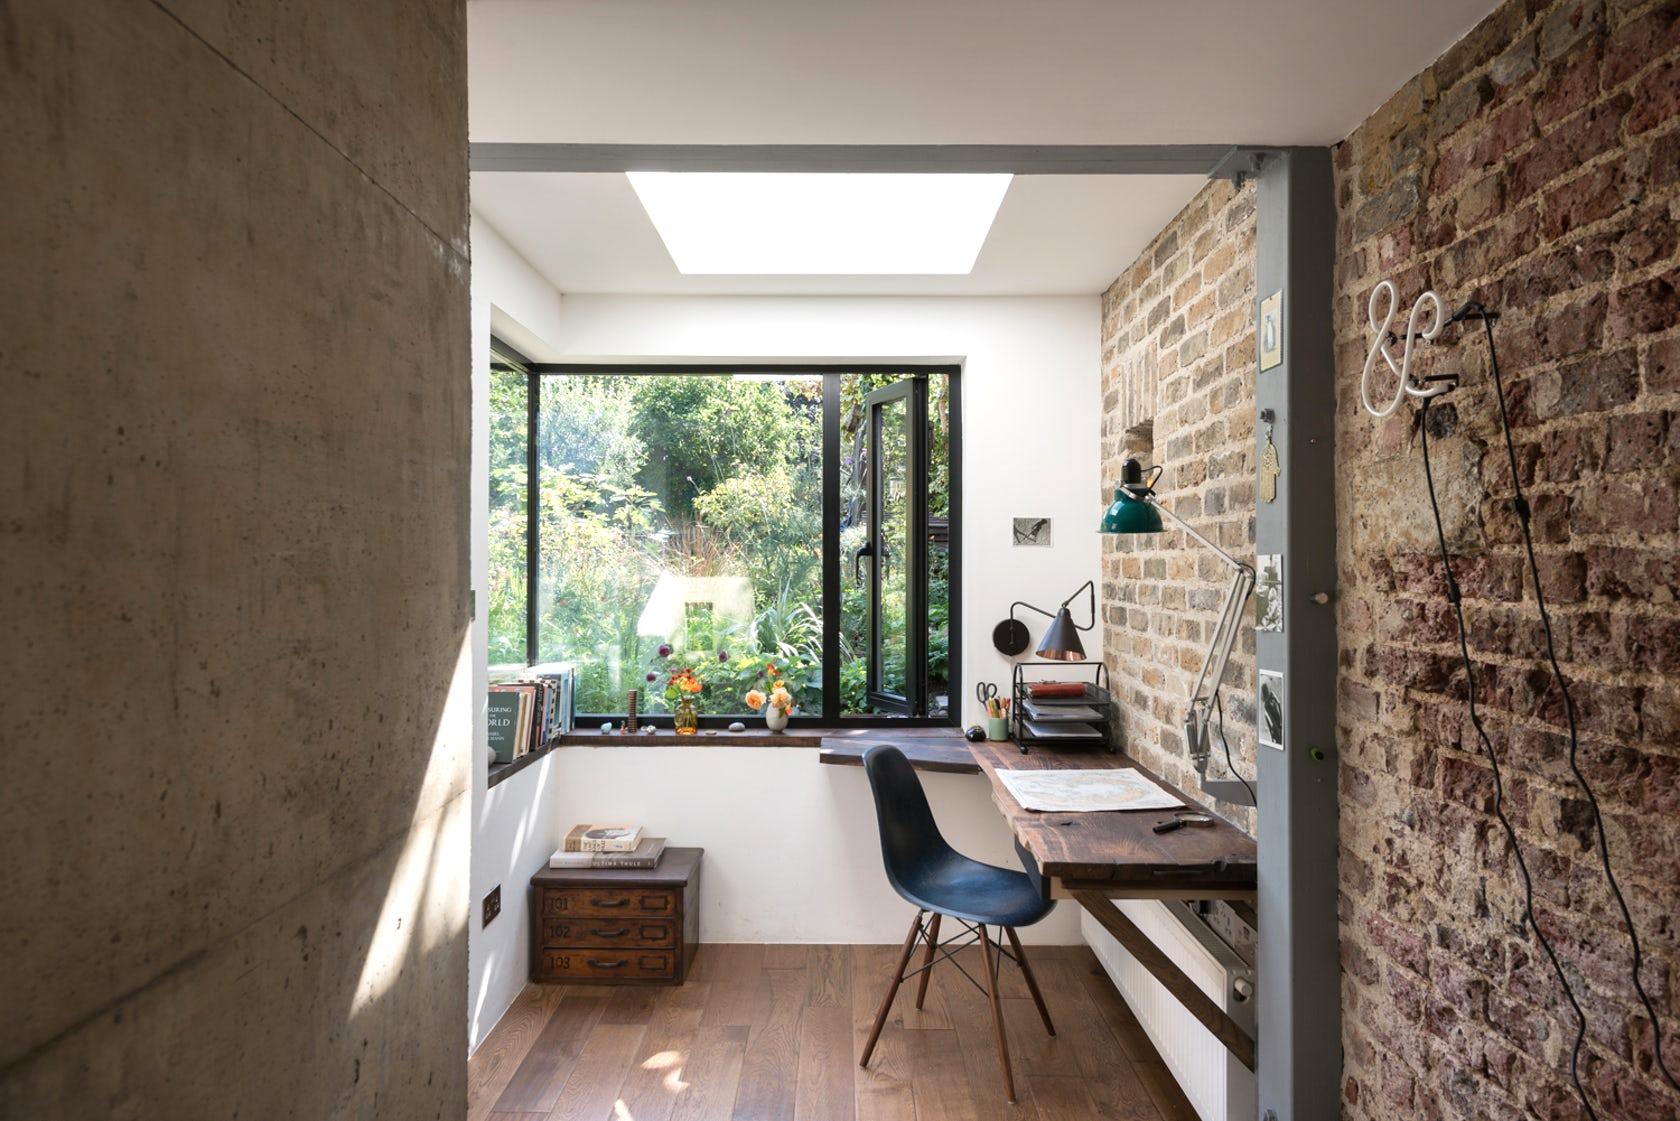 Мини-кабинет на балконе с широкими подоконниками вместо стола